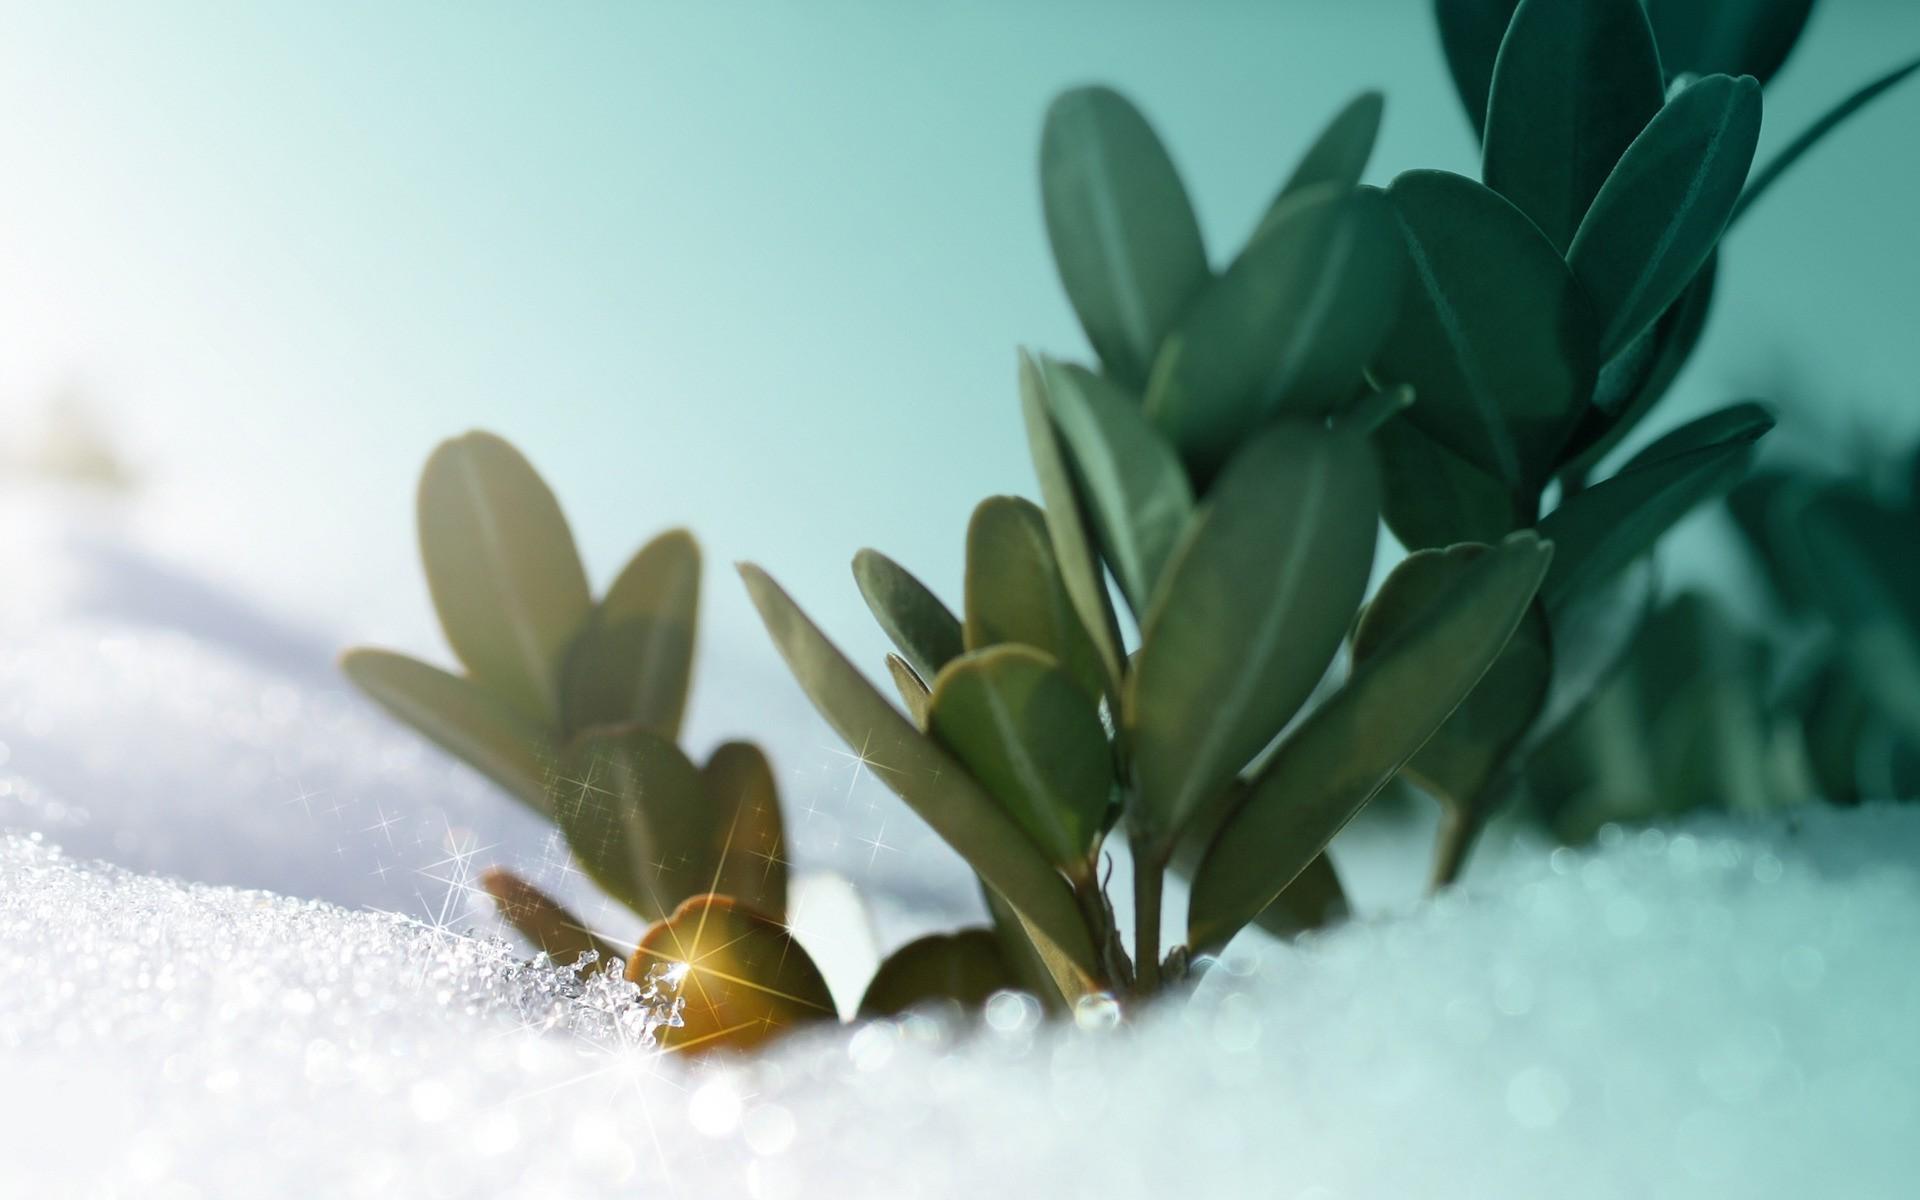 hintergrundbilder sonnenlicht digitale kunst pflanzen schnee winter ast gr n bl hen. Black Bedroom Furniture Sets. Home Design Ideas